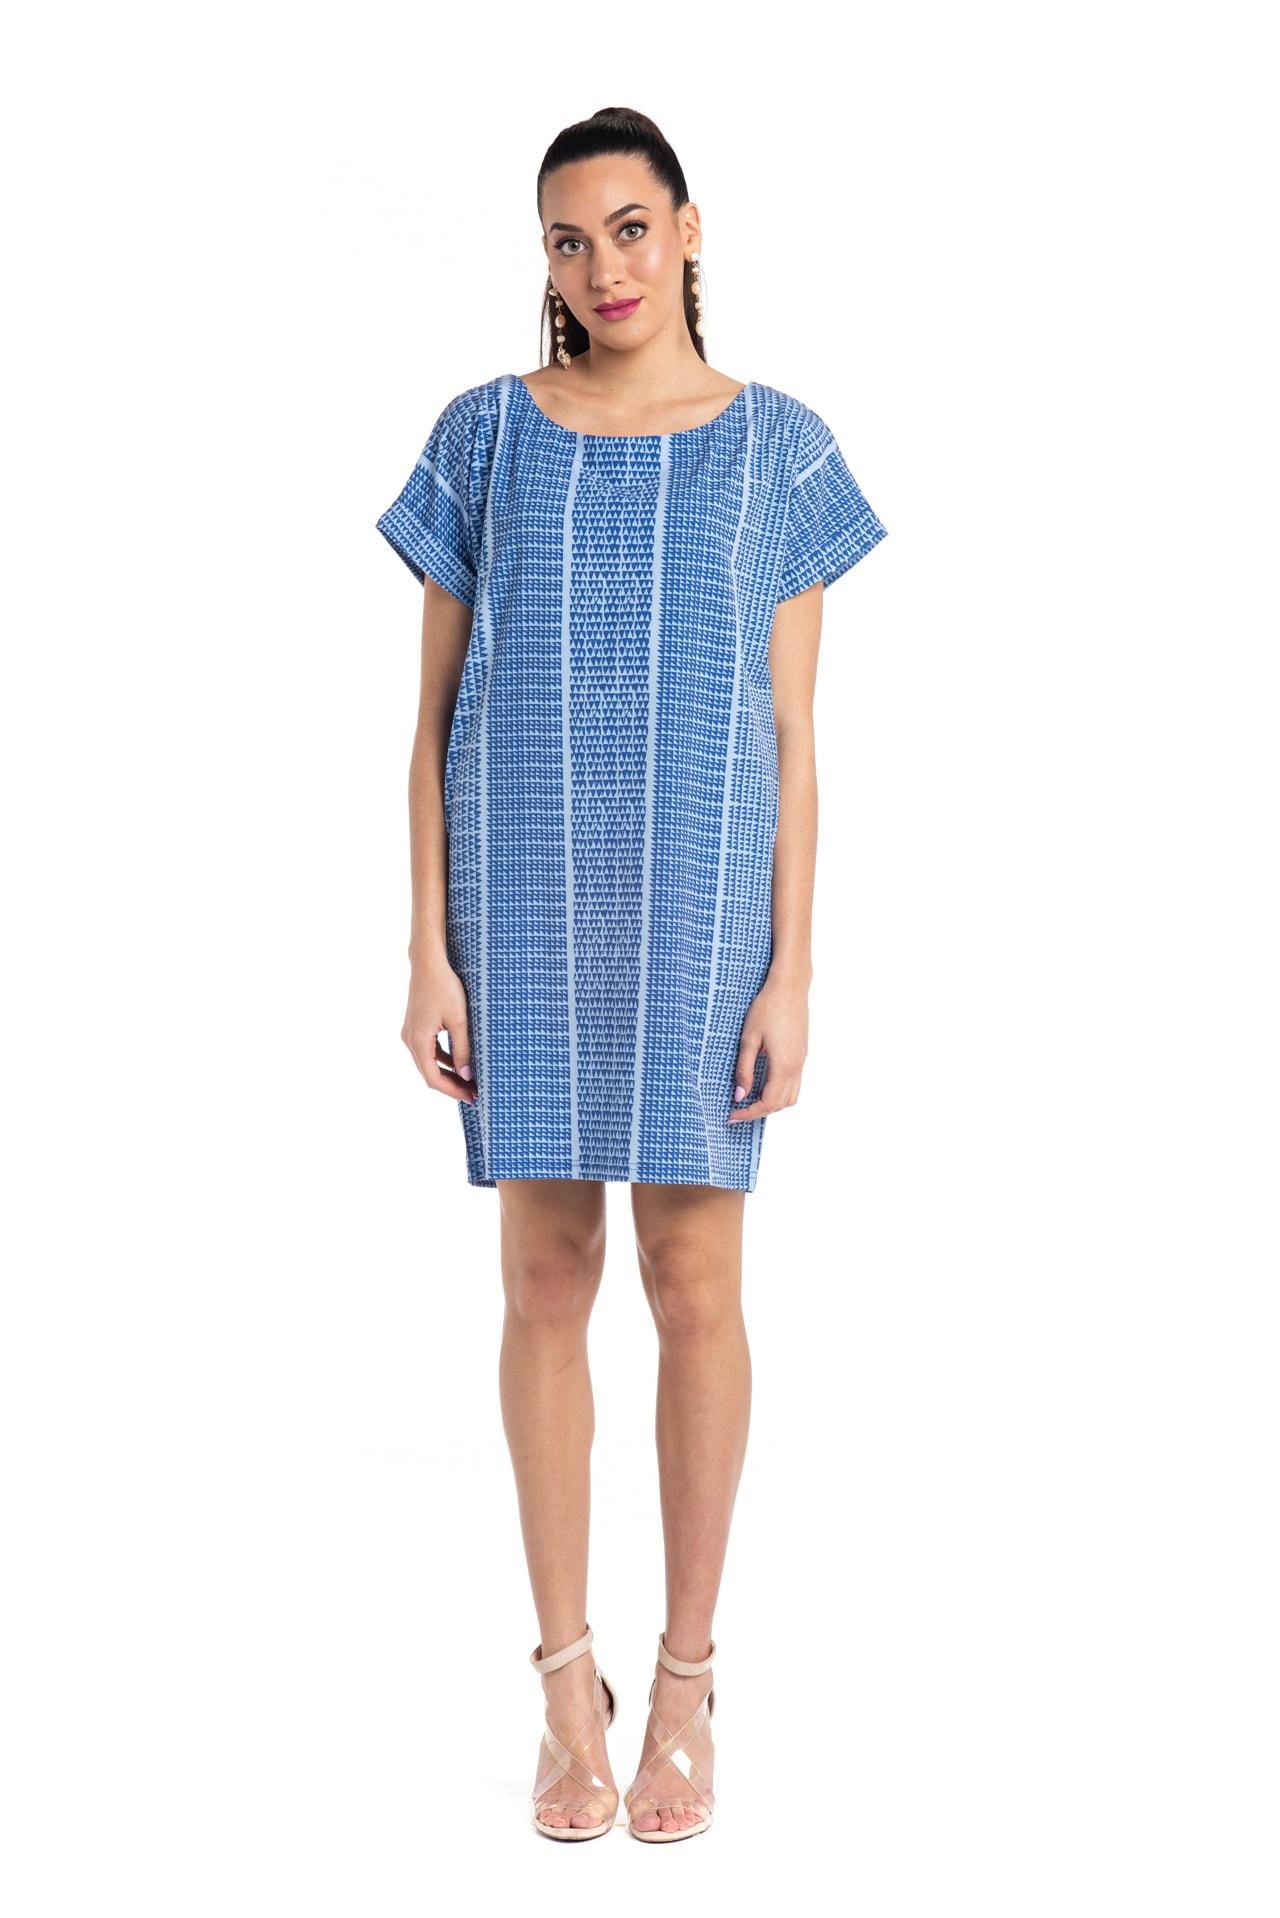 Model wearing Puaniu Shift Dress in Blue Niho Ku - Front View